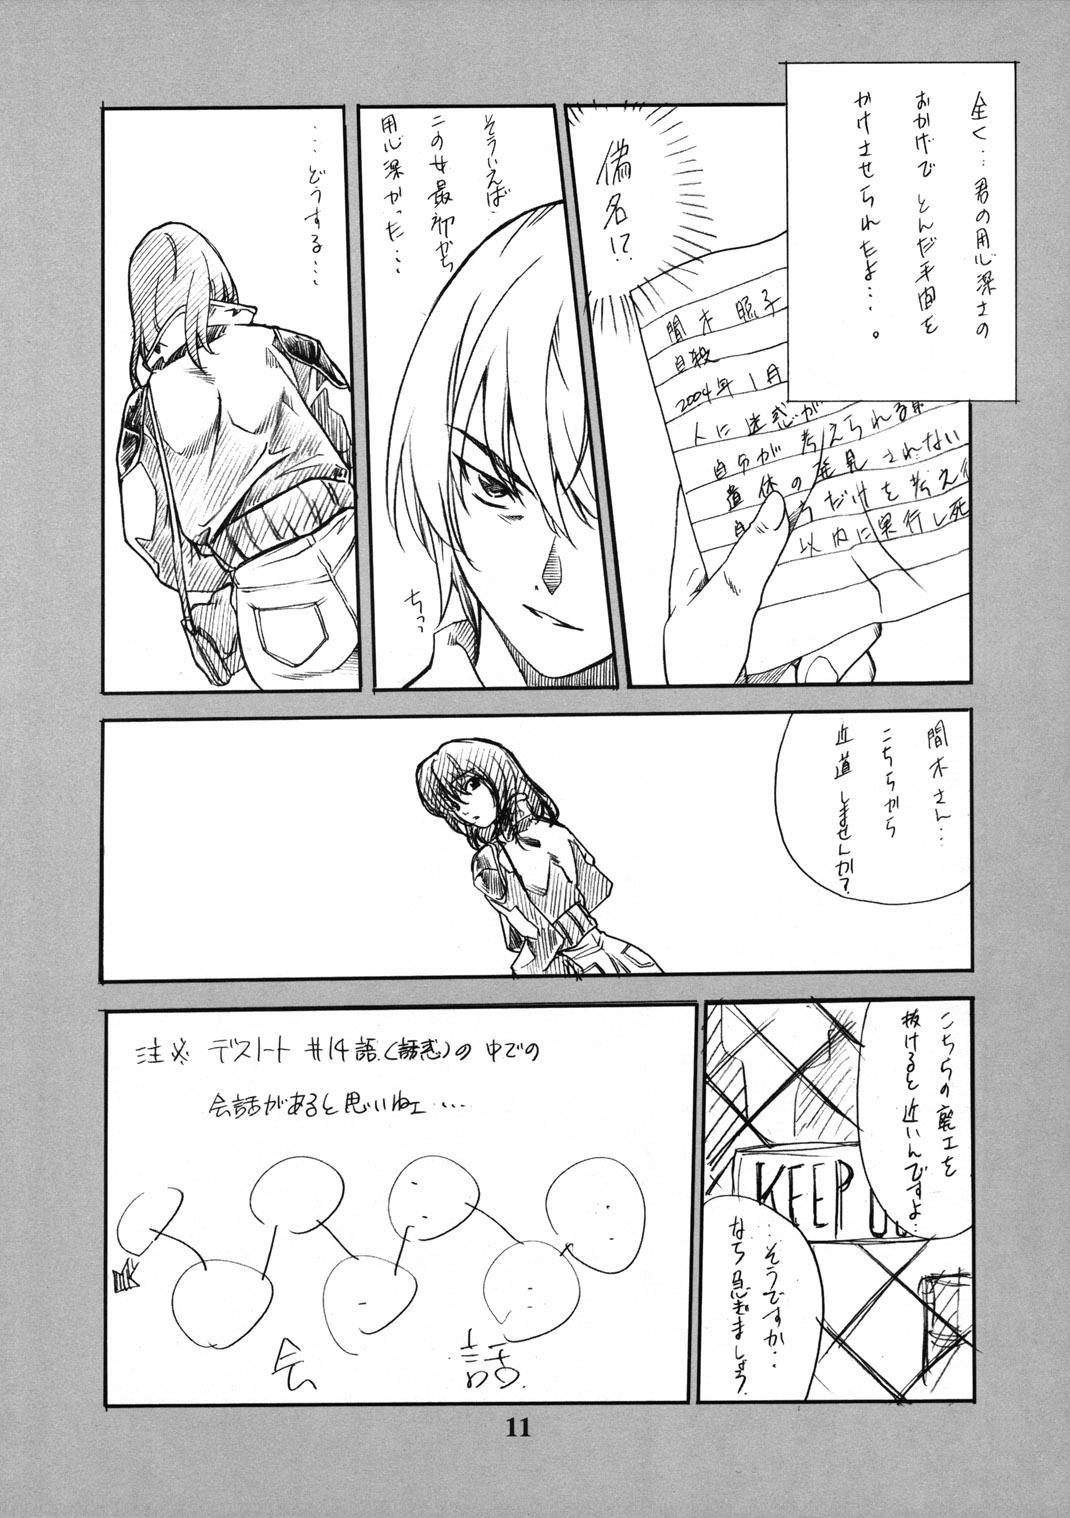 (CR35) [P-FOREST (Hozumi Takashi)] Maki Shouko(Gimei) Misora Naomi (Death Note) 9